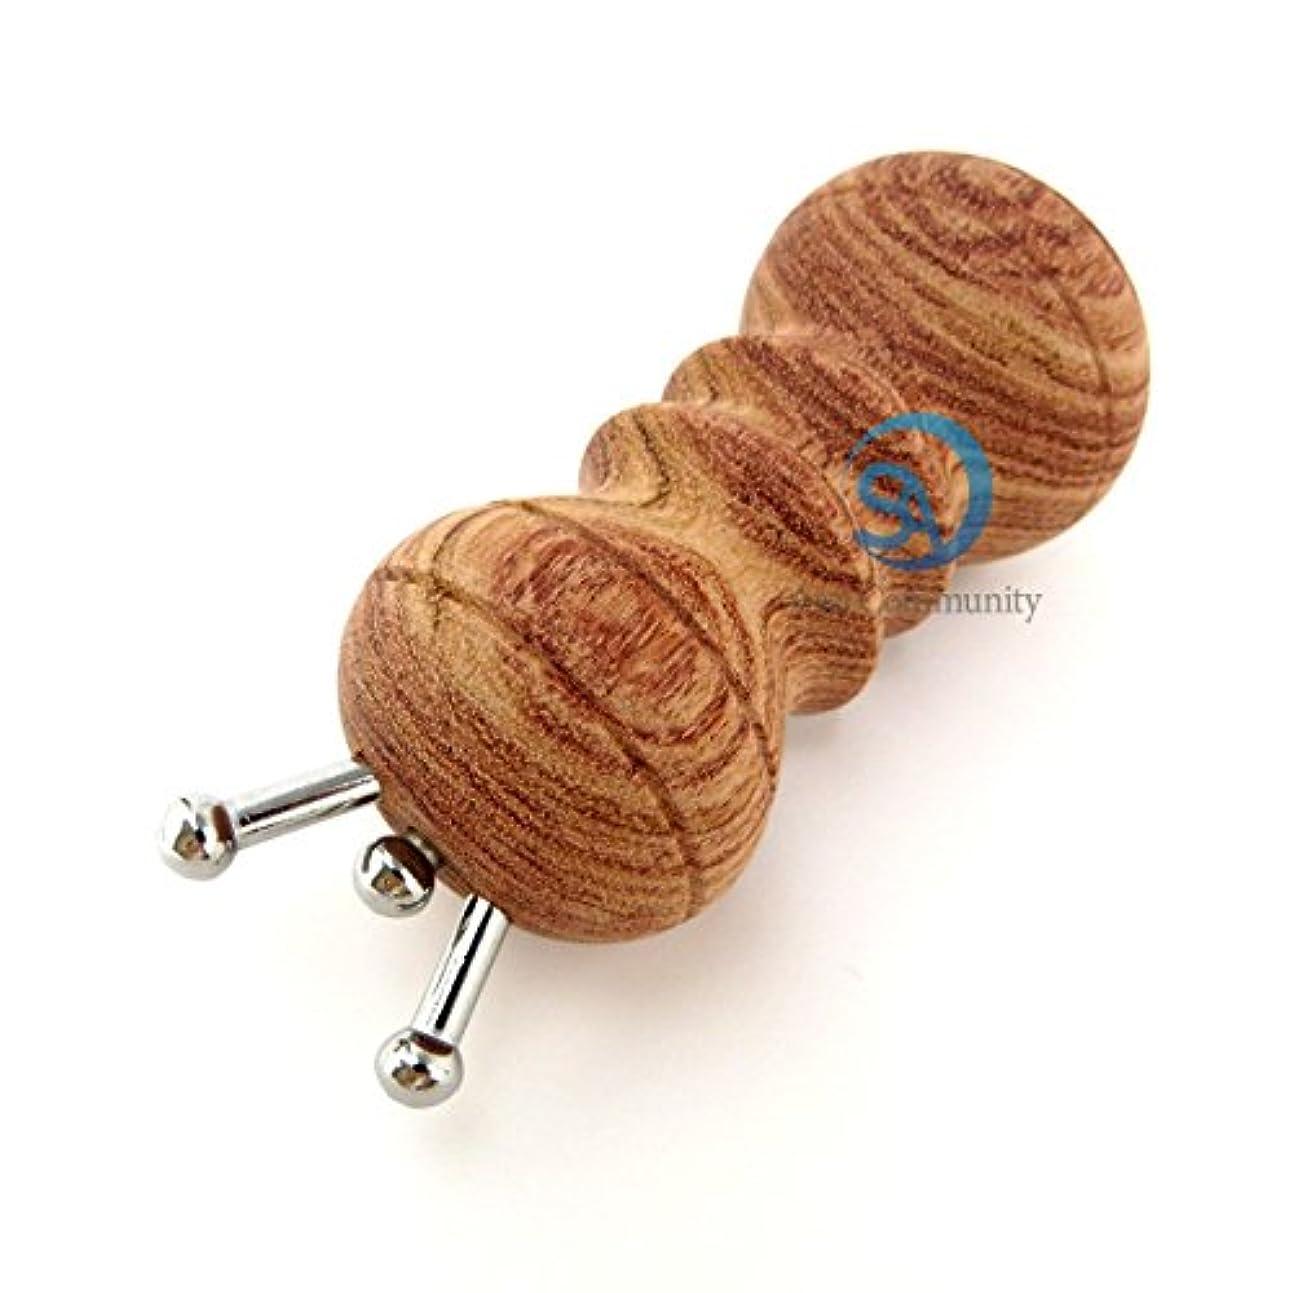 セラフ敵対的パトロンかっさ 無痕かっさ 天然花梨木 (カリボク) 磁石付き マッサージ器